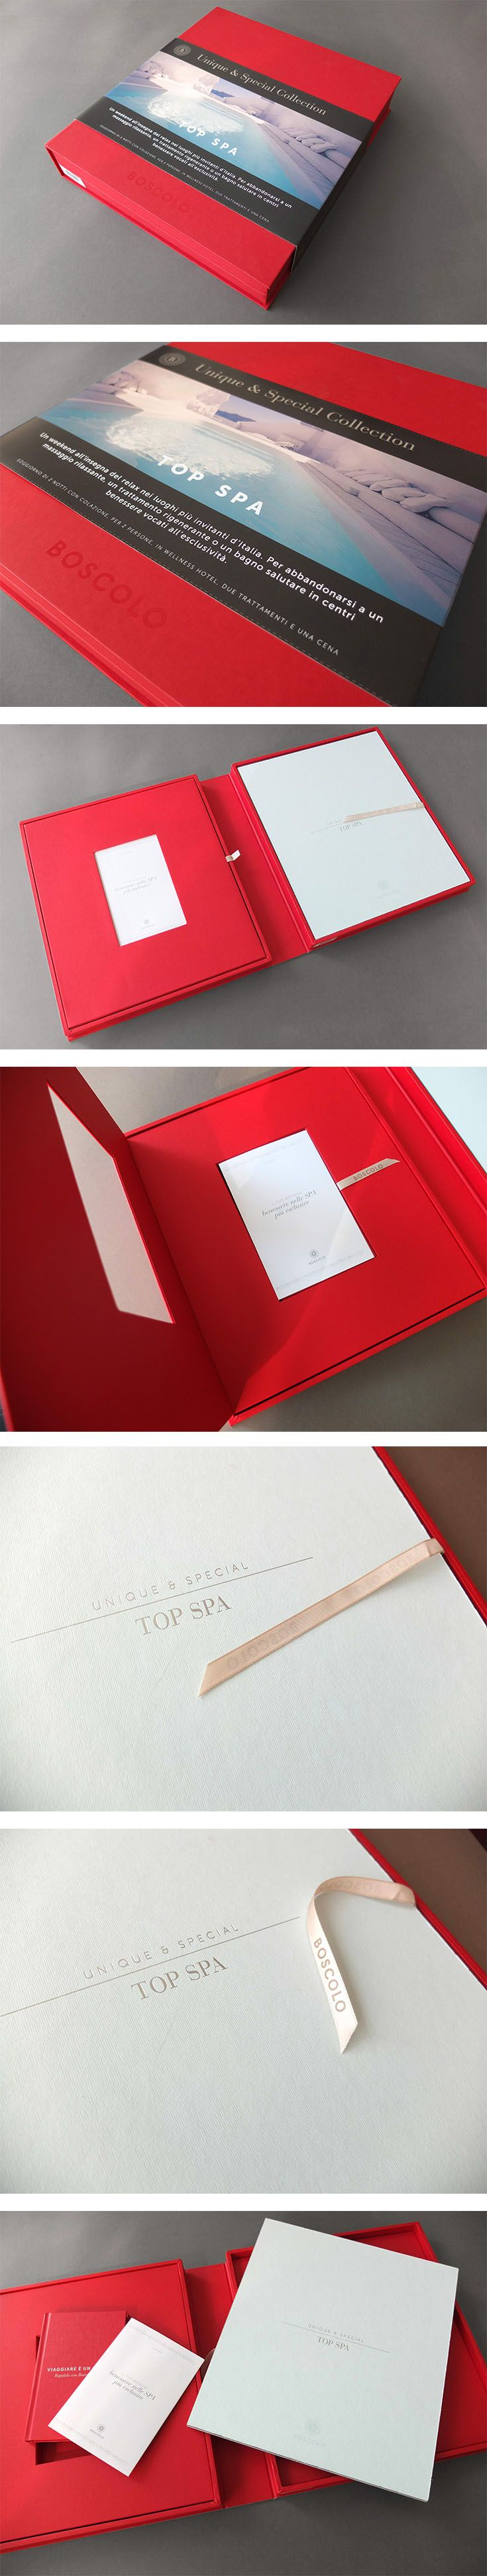 Gift Boscolo, un progetto #effADV - Gift Boscolo, effADV project - #packaging